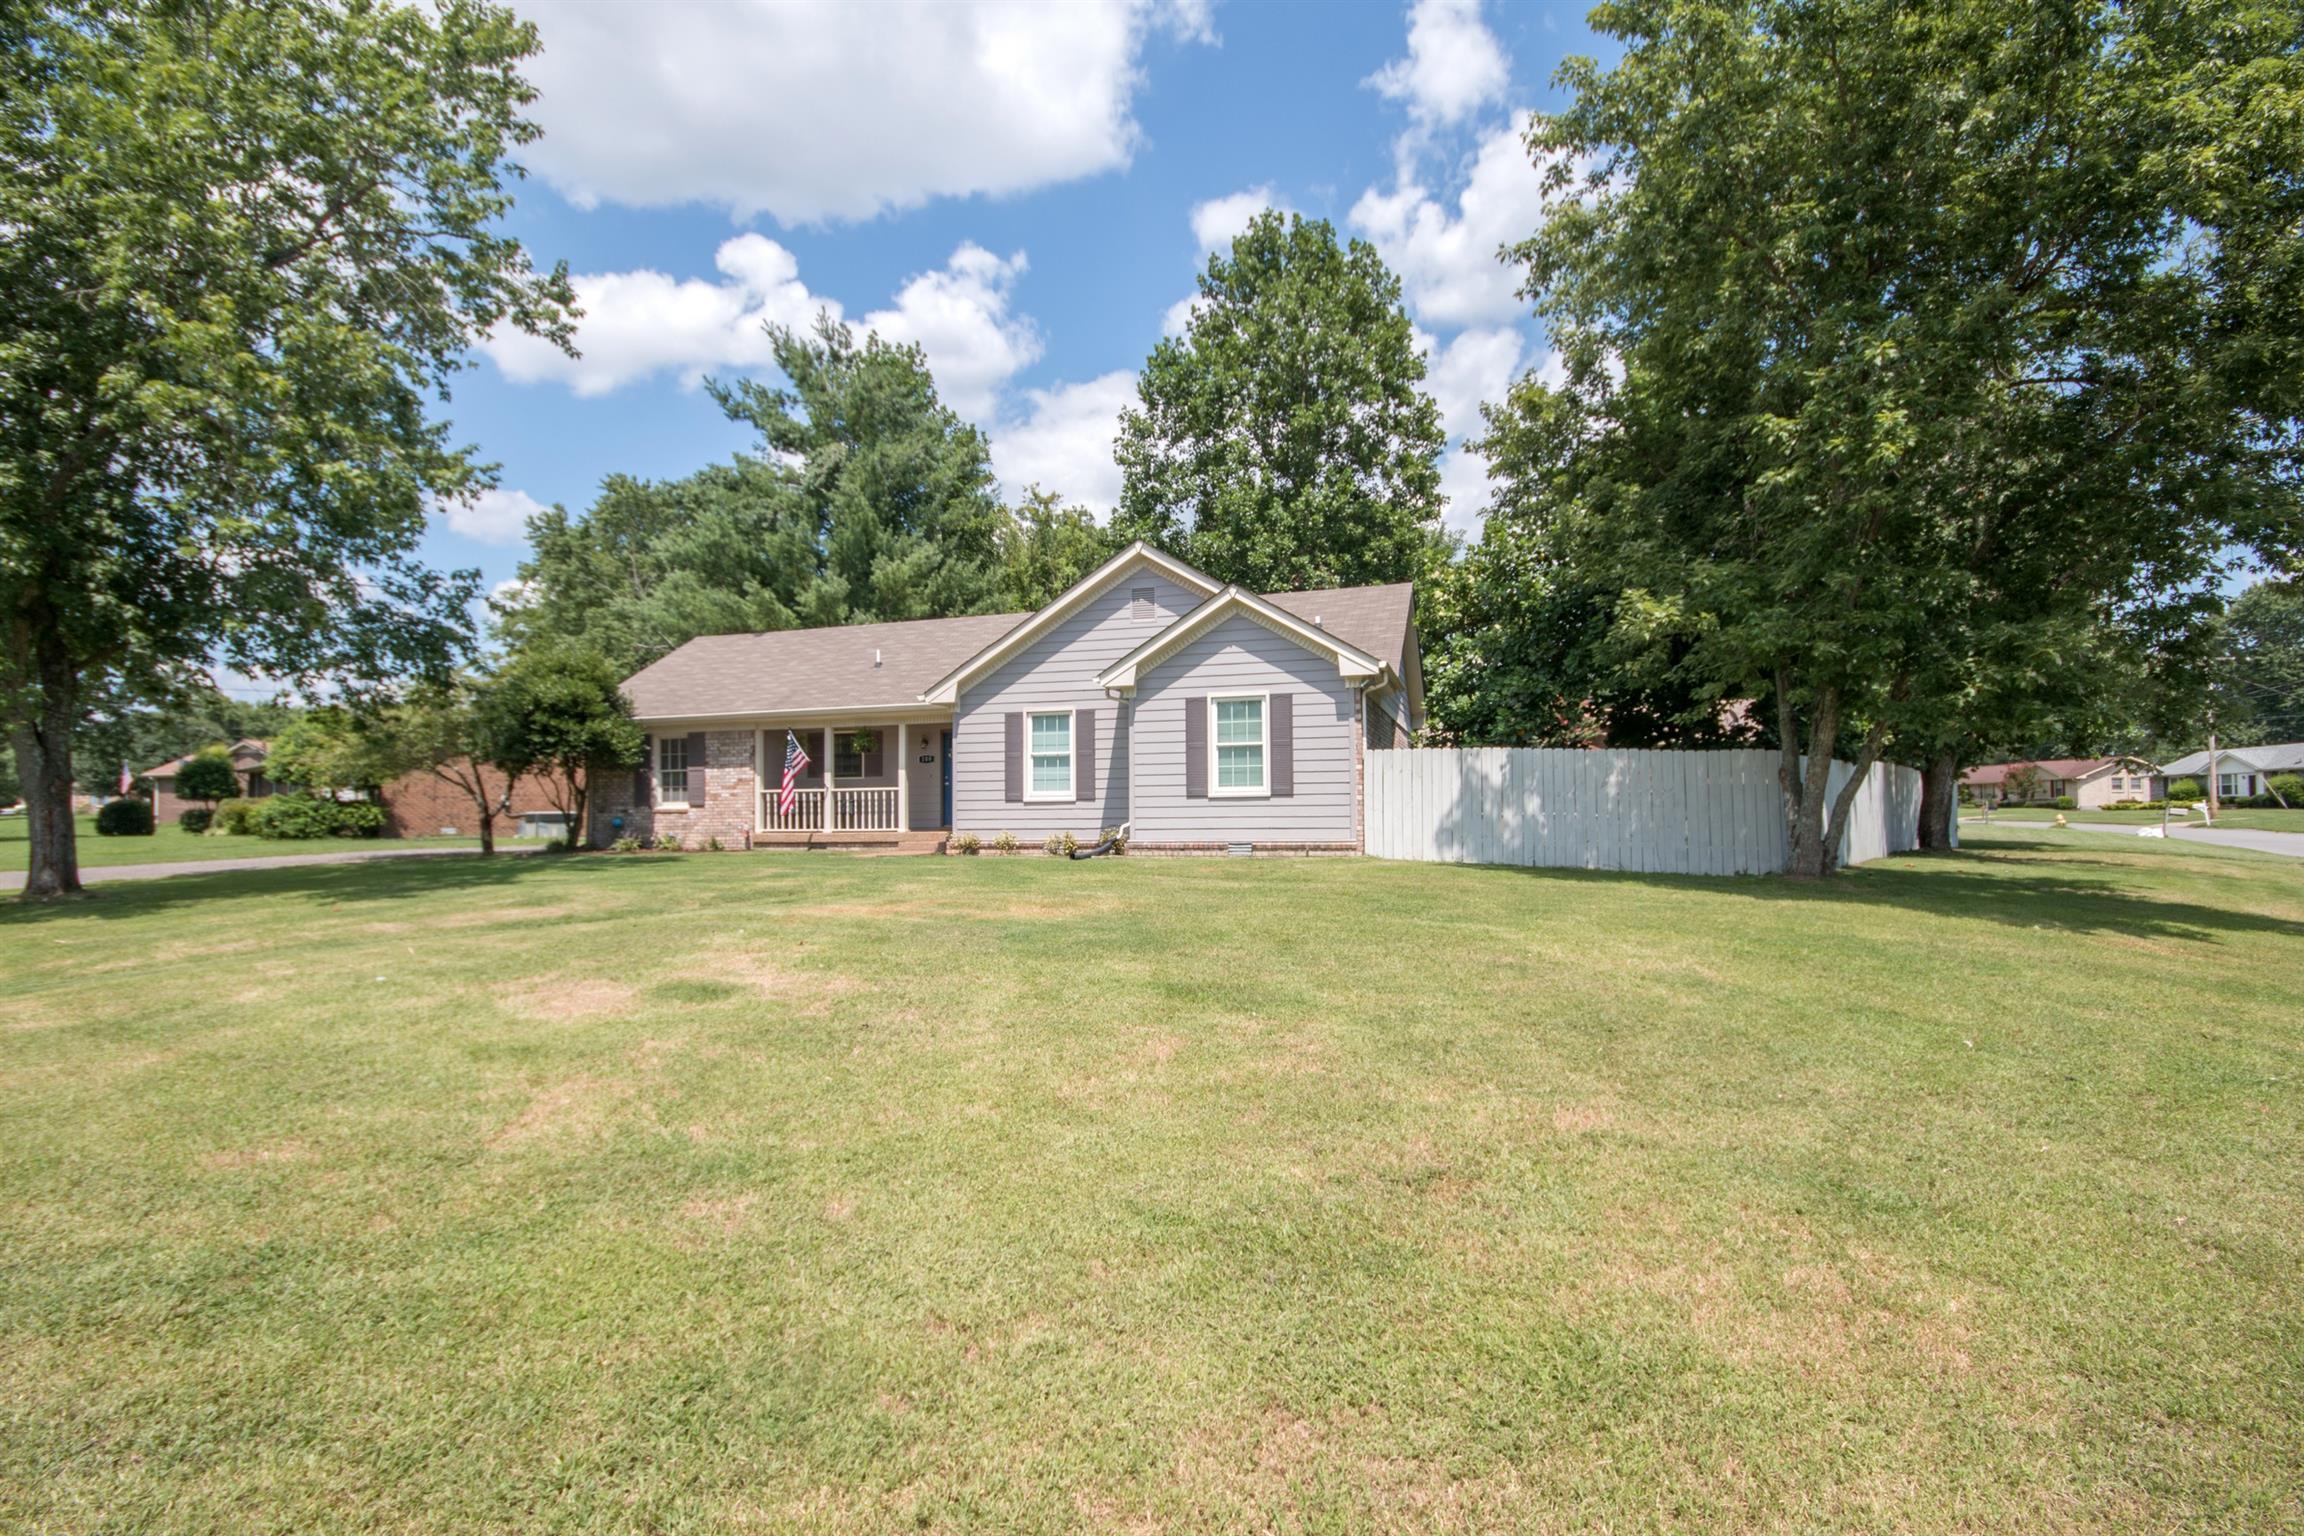 100 Yorkside Pl, Hendersonville, TN 37075 - Hendersonville, TN real estate listing